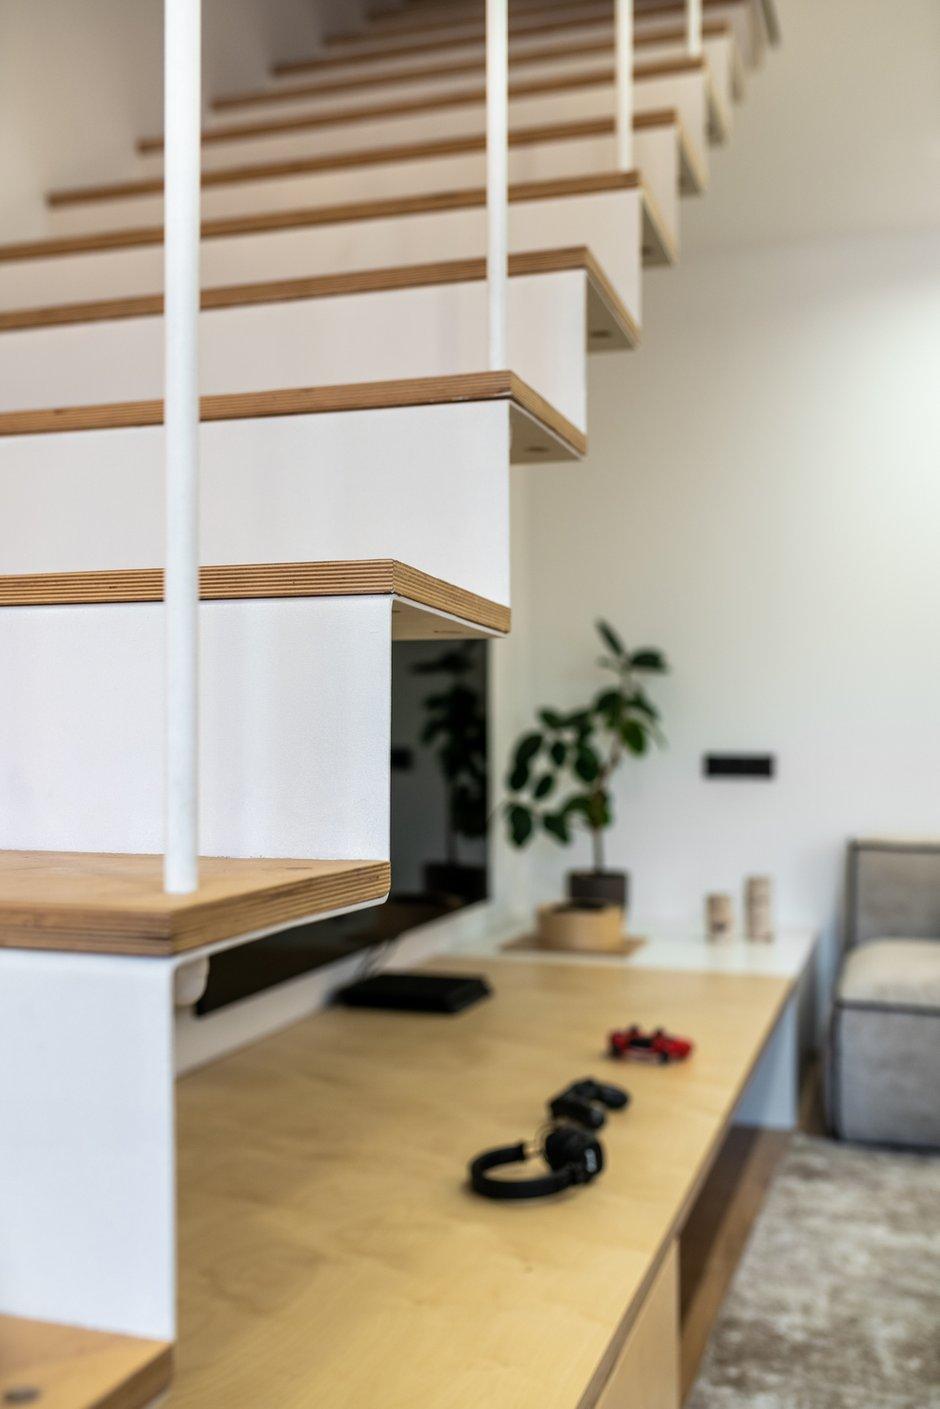 Сделанная на заказ лестница из листового металла ведет на второй этаж.